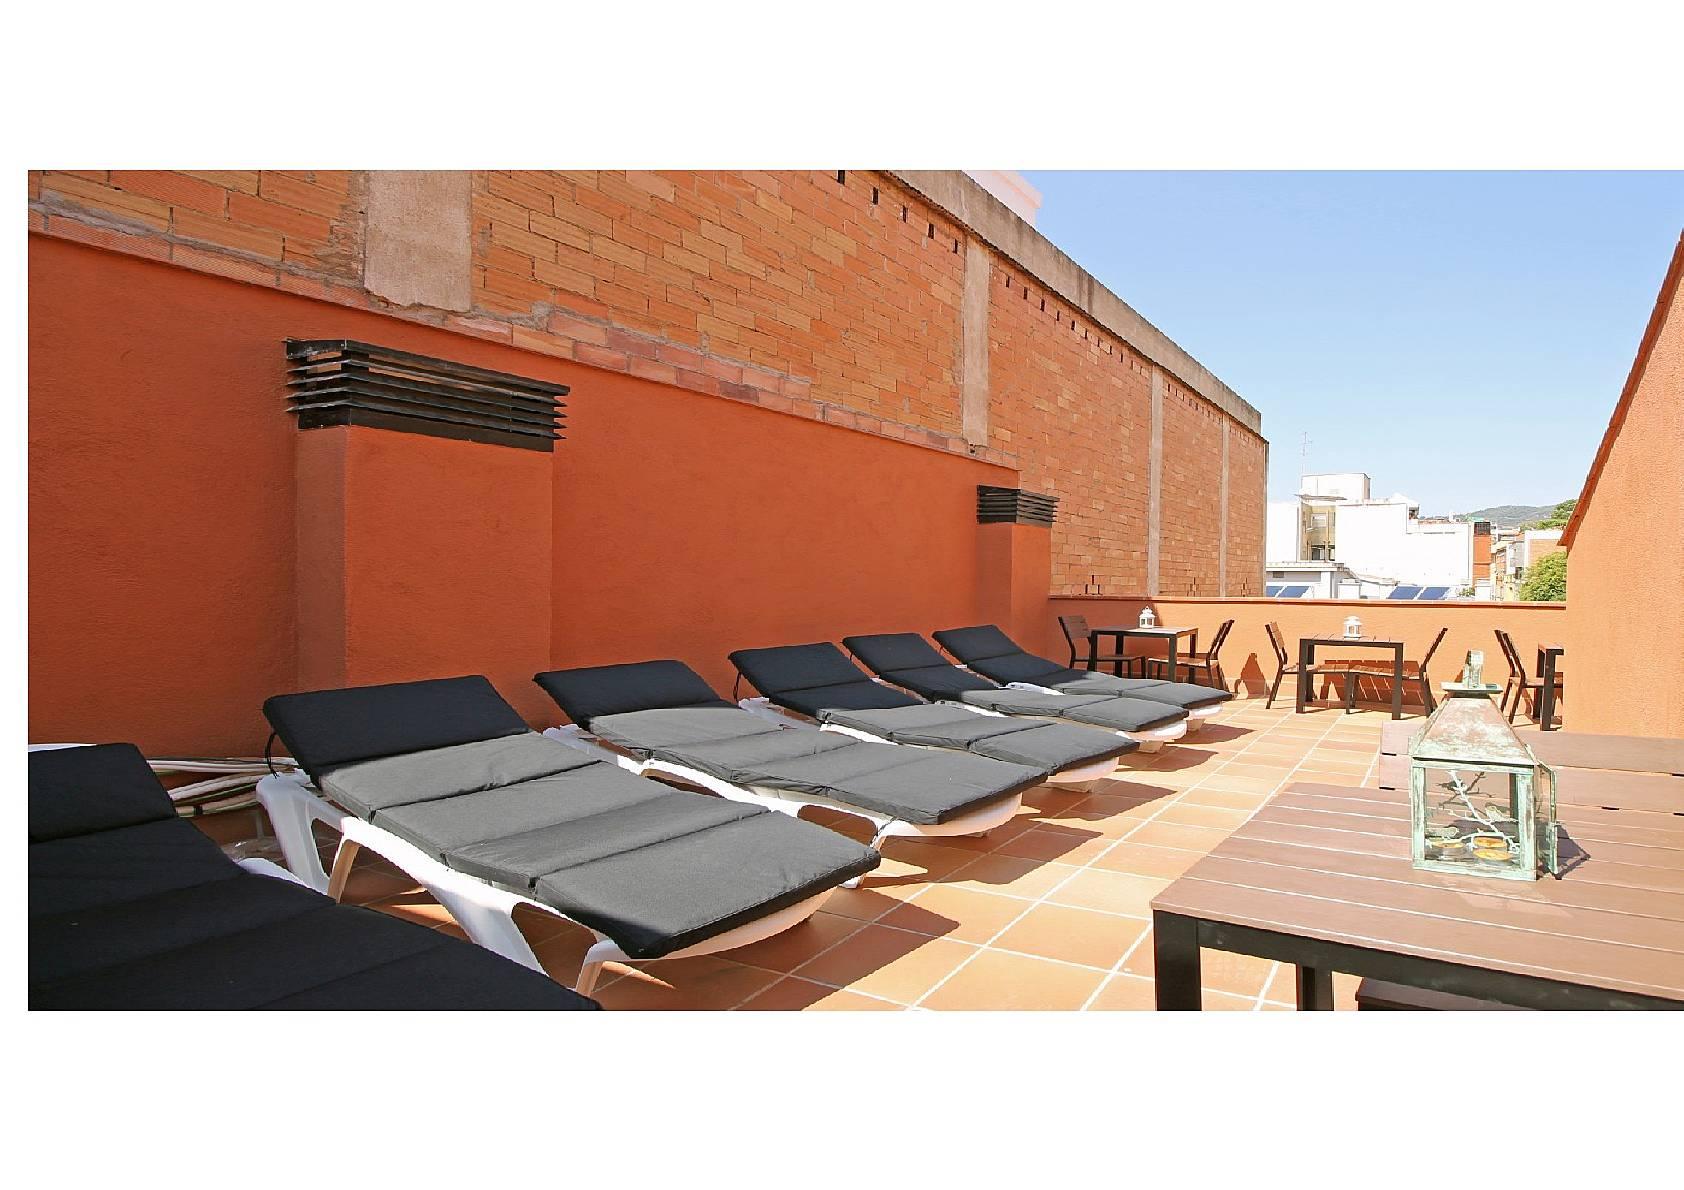 Appartamento per 2 4 persone nel centro di barcellona for B b barcellona economici centro